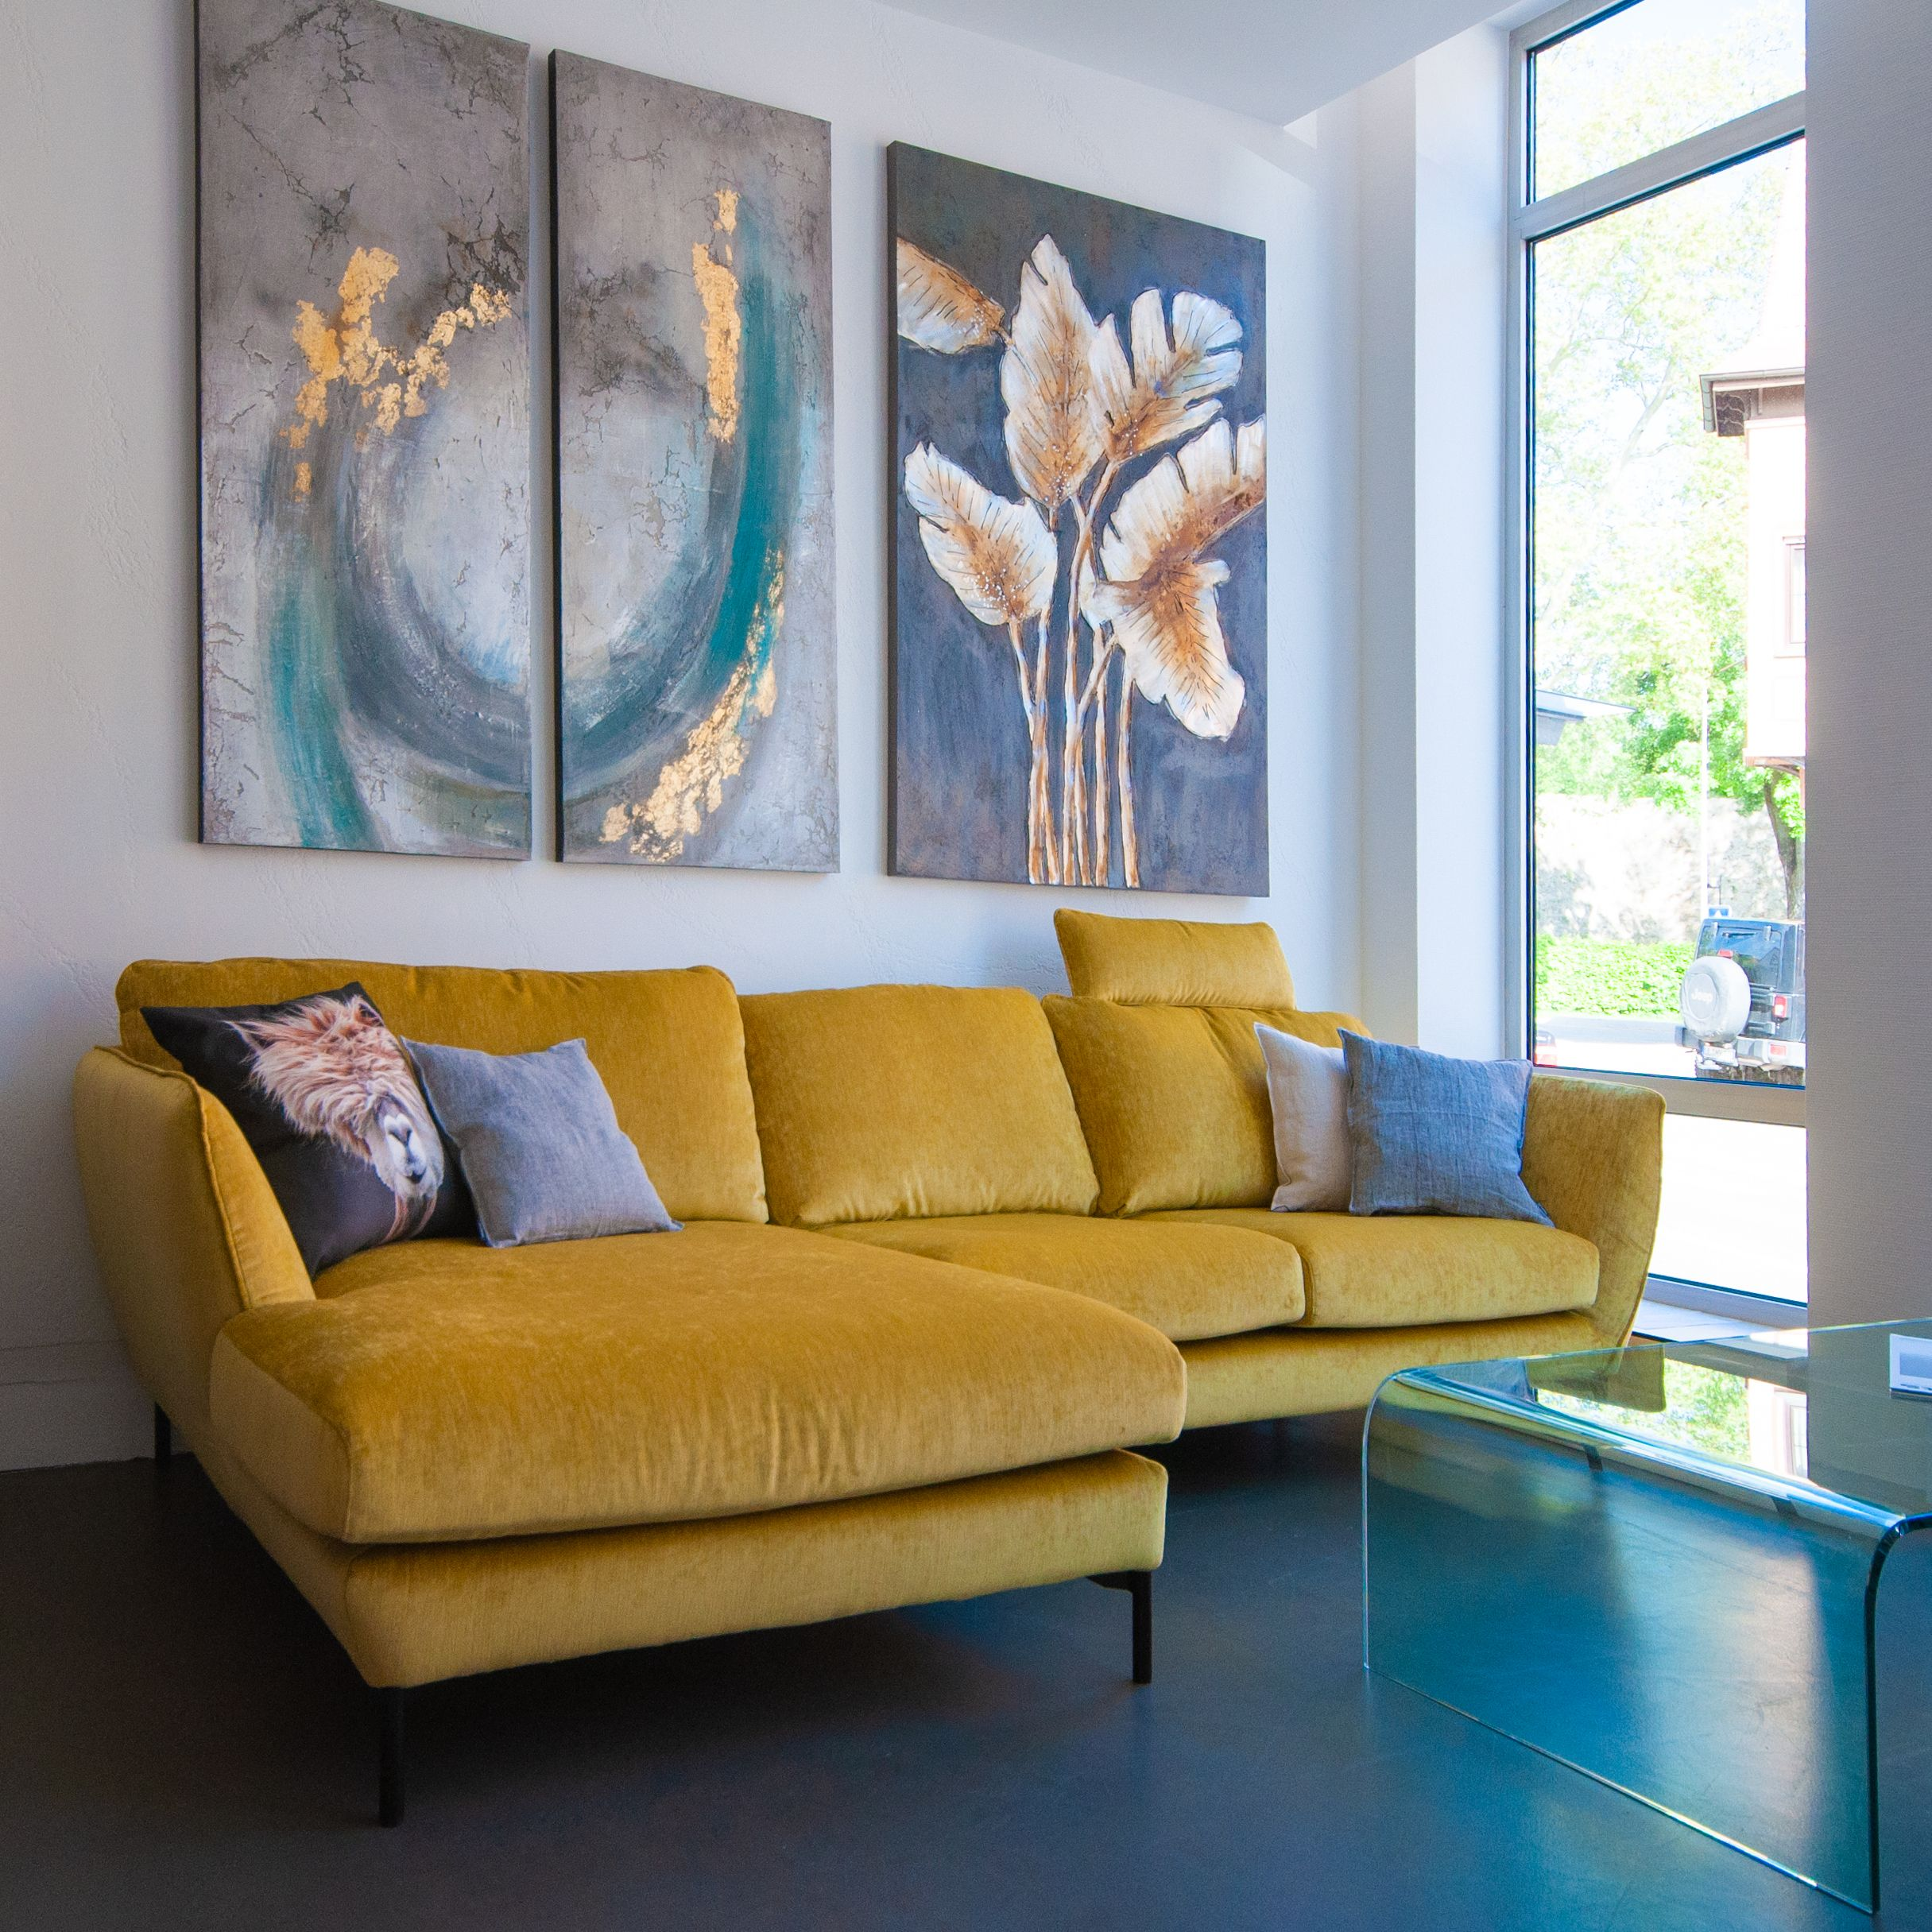 Gelbes Sofa Gelbes Wohnzimmer Gelbe Couch Gemutliches Wohnen